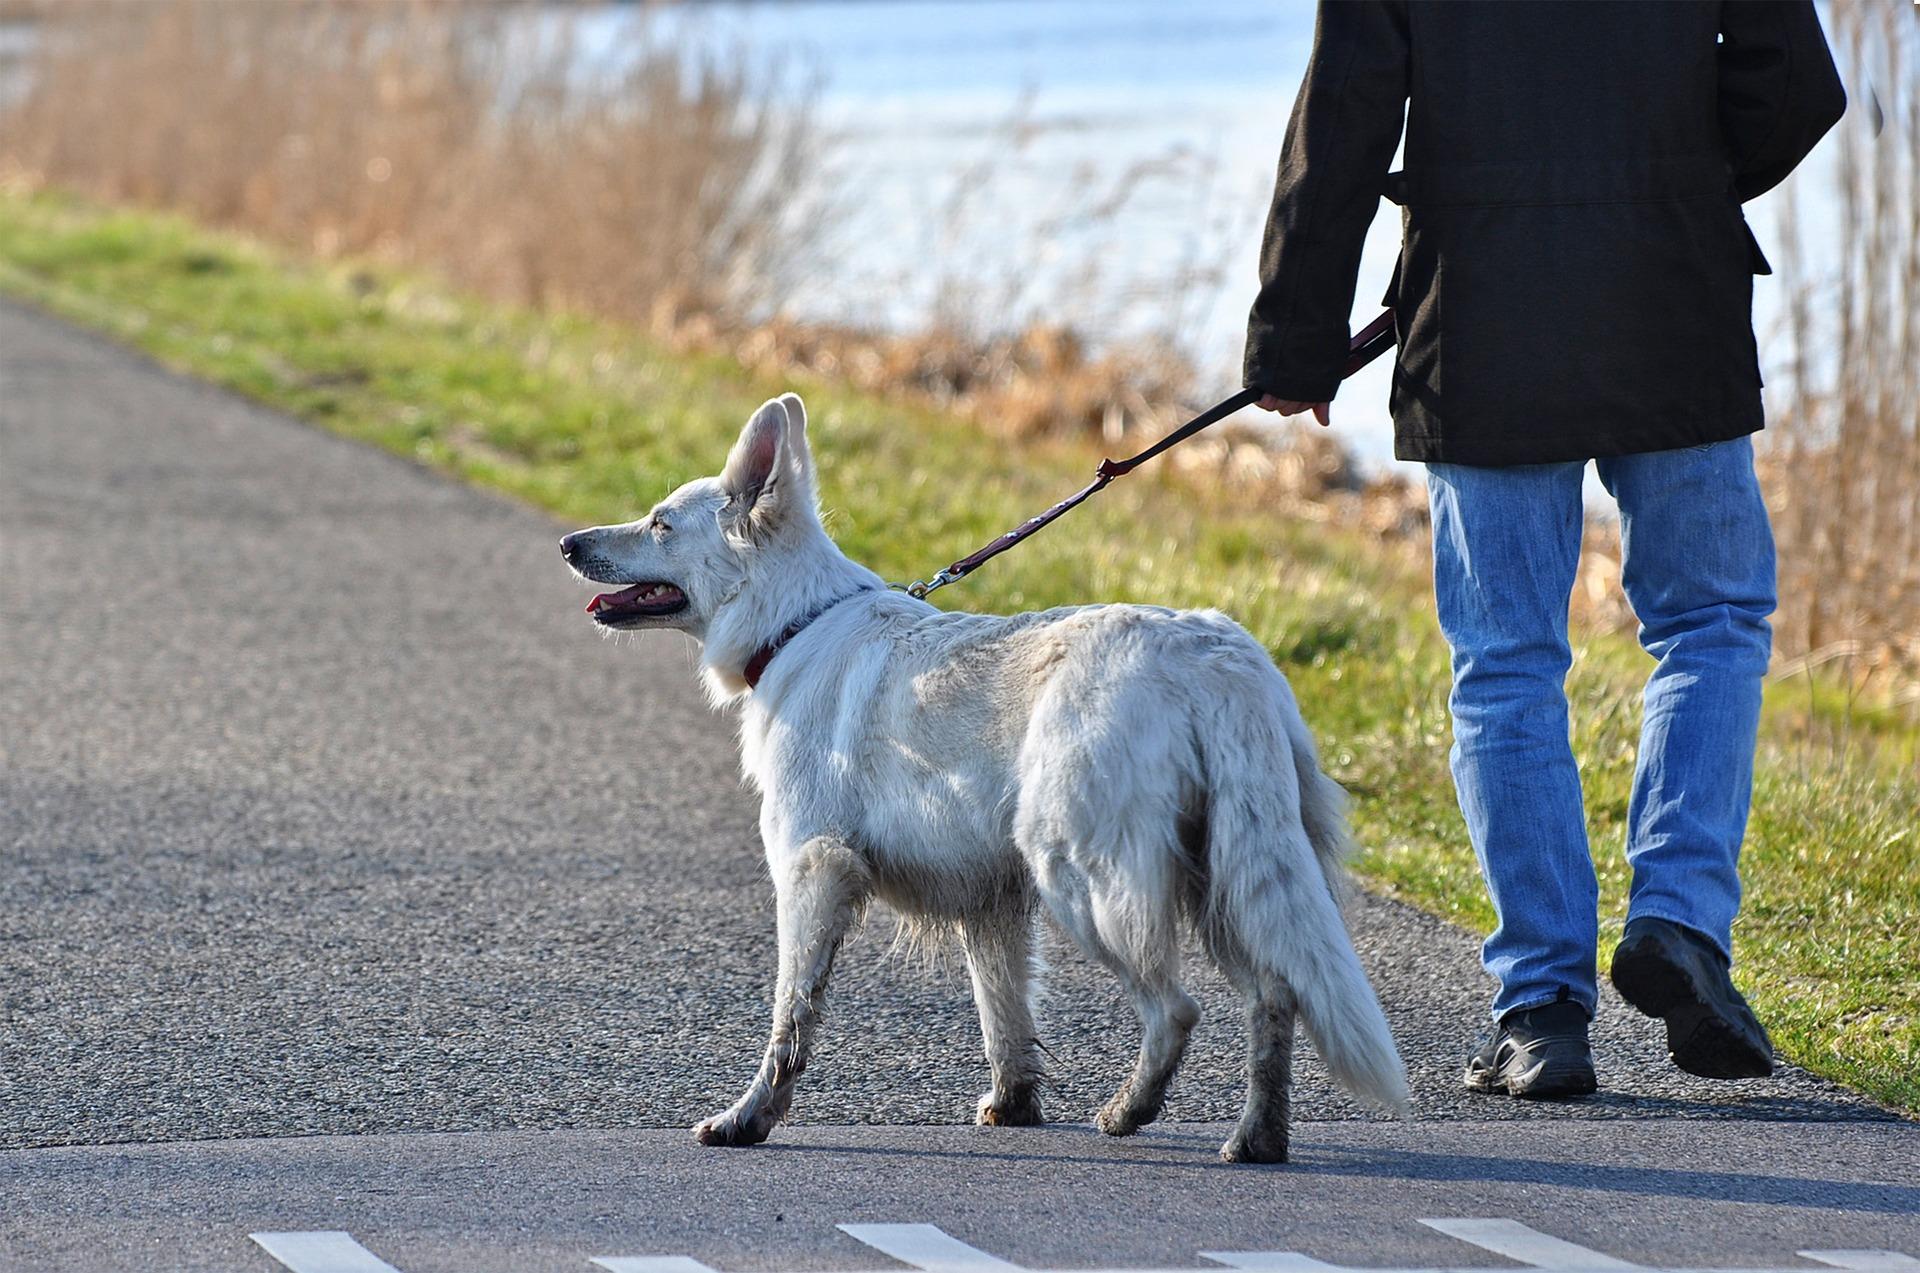 Sanciones de 525 euros a los propietarios de perros que no recojan sus excrementos